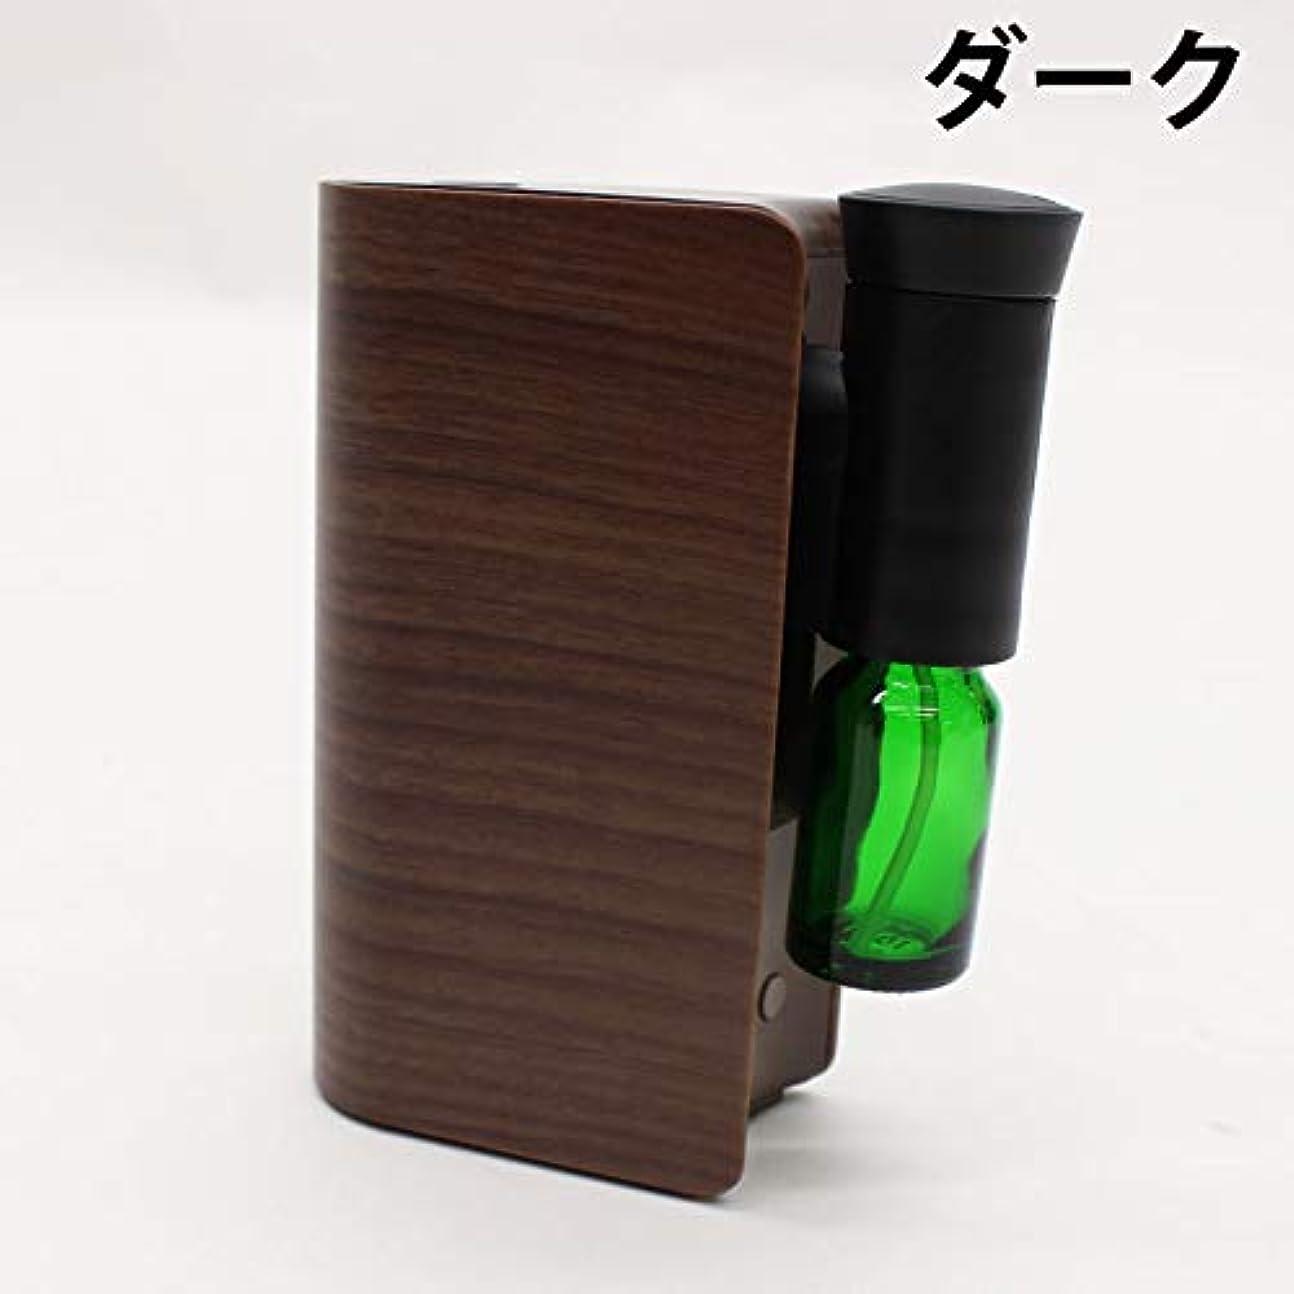 事業地震民兵電池式 コンパクトアロマディフューザー  (ダーク)